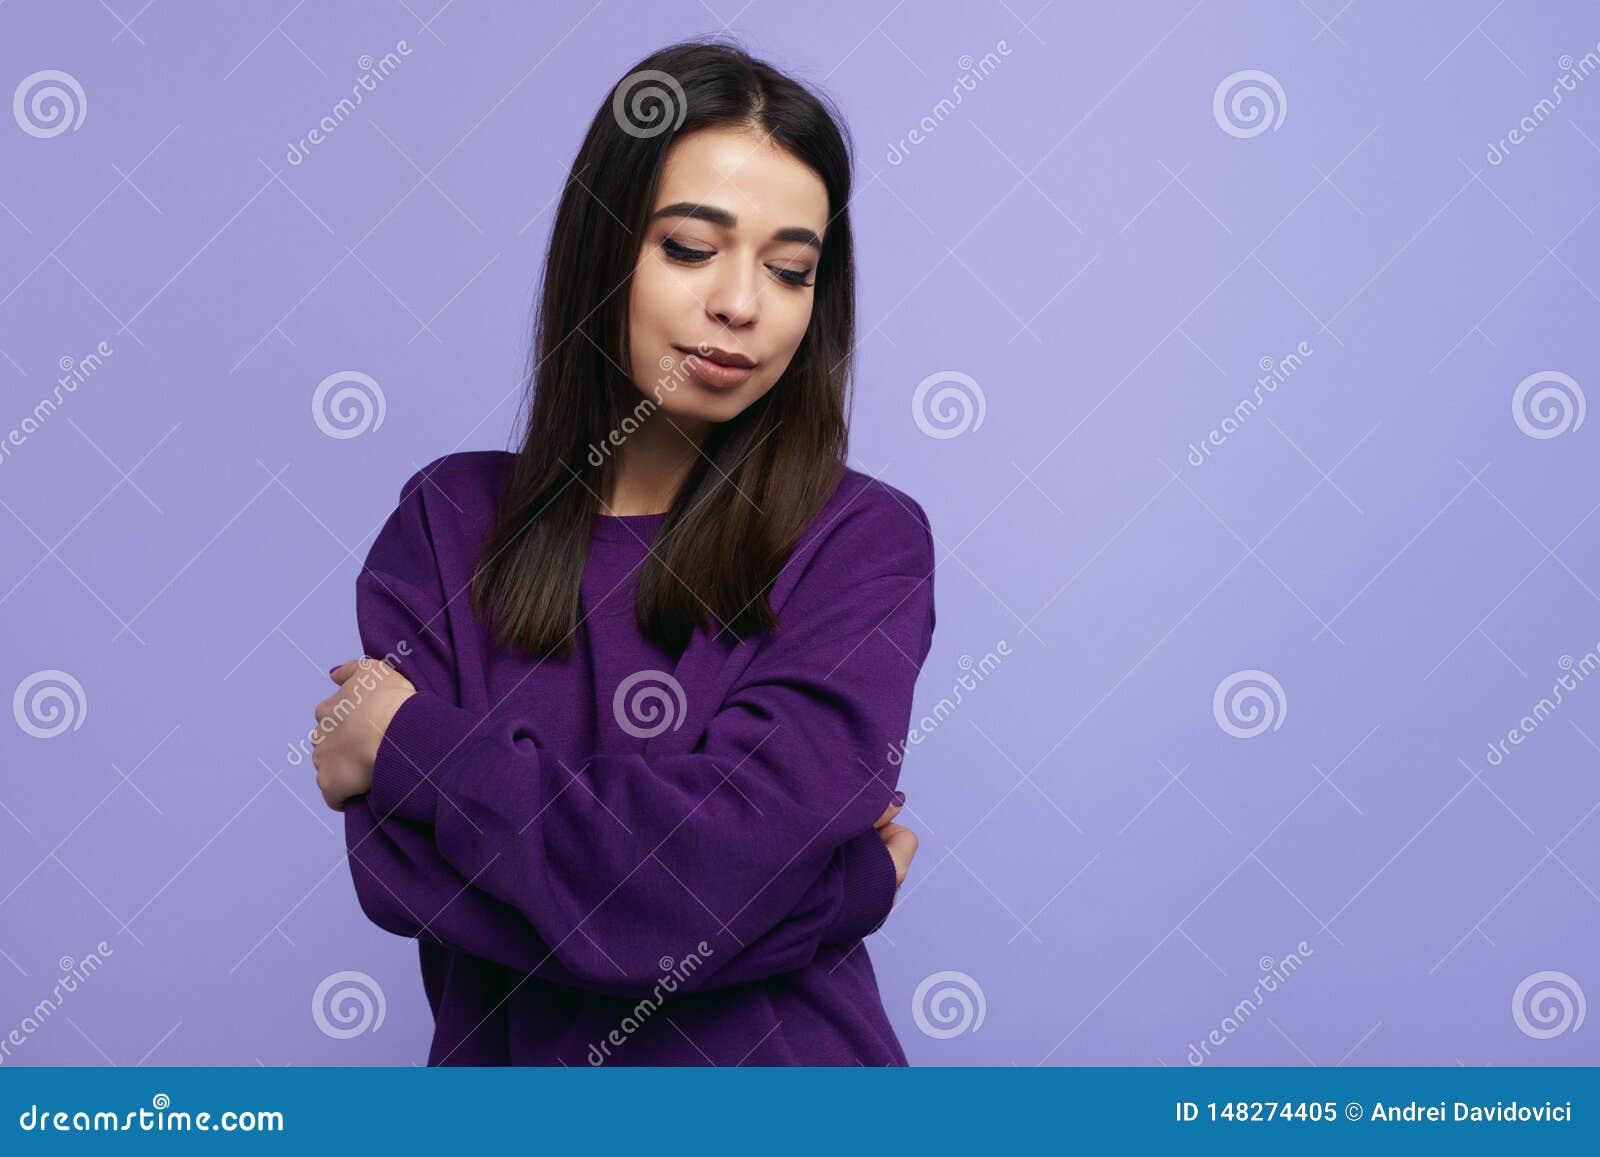 Stilvolles junges Mädchen mit geschlossenen Augen, die tragende purpurrote Strickjacke, die Arme halten kreuzte während Stellung